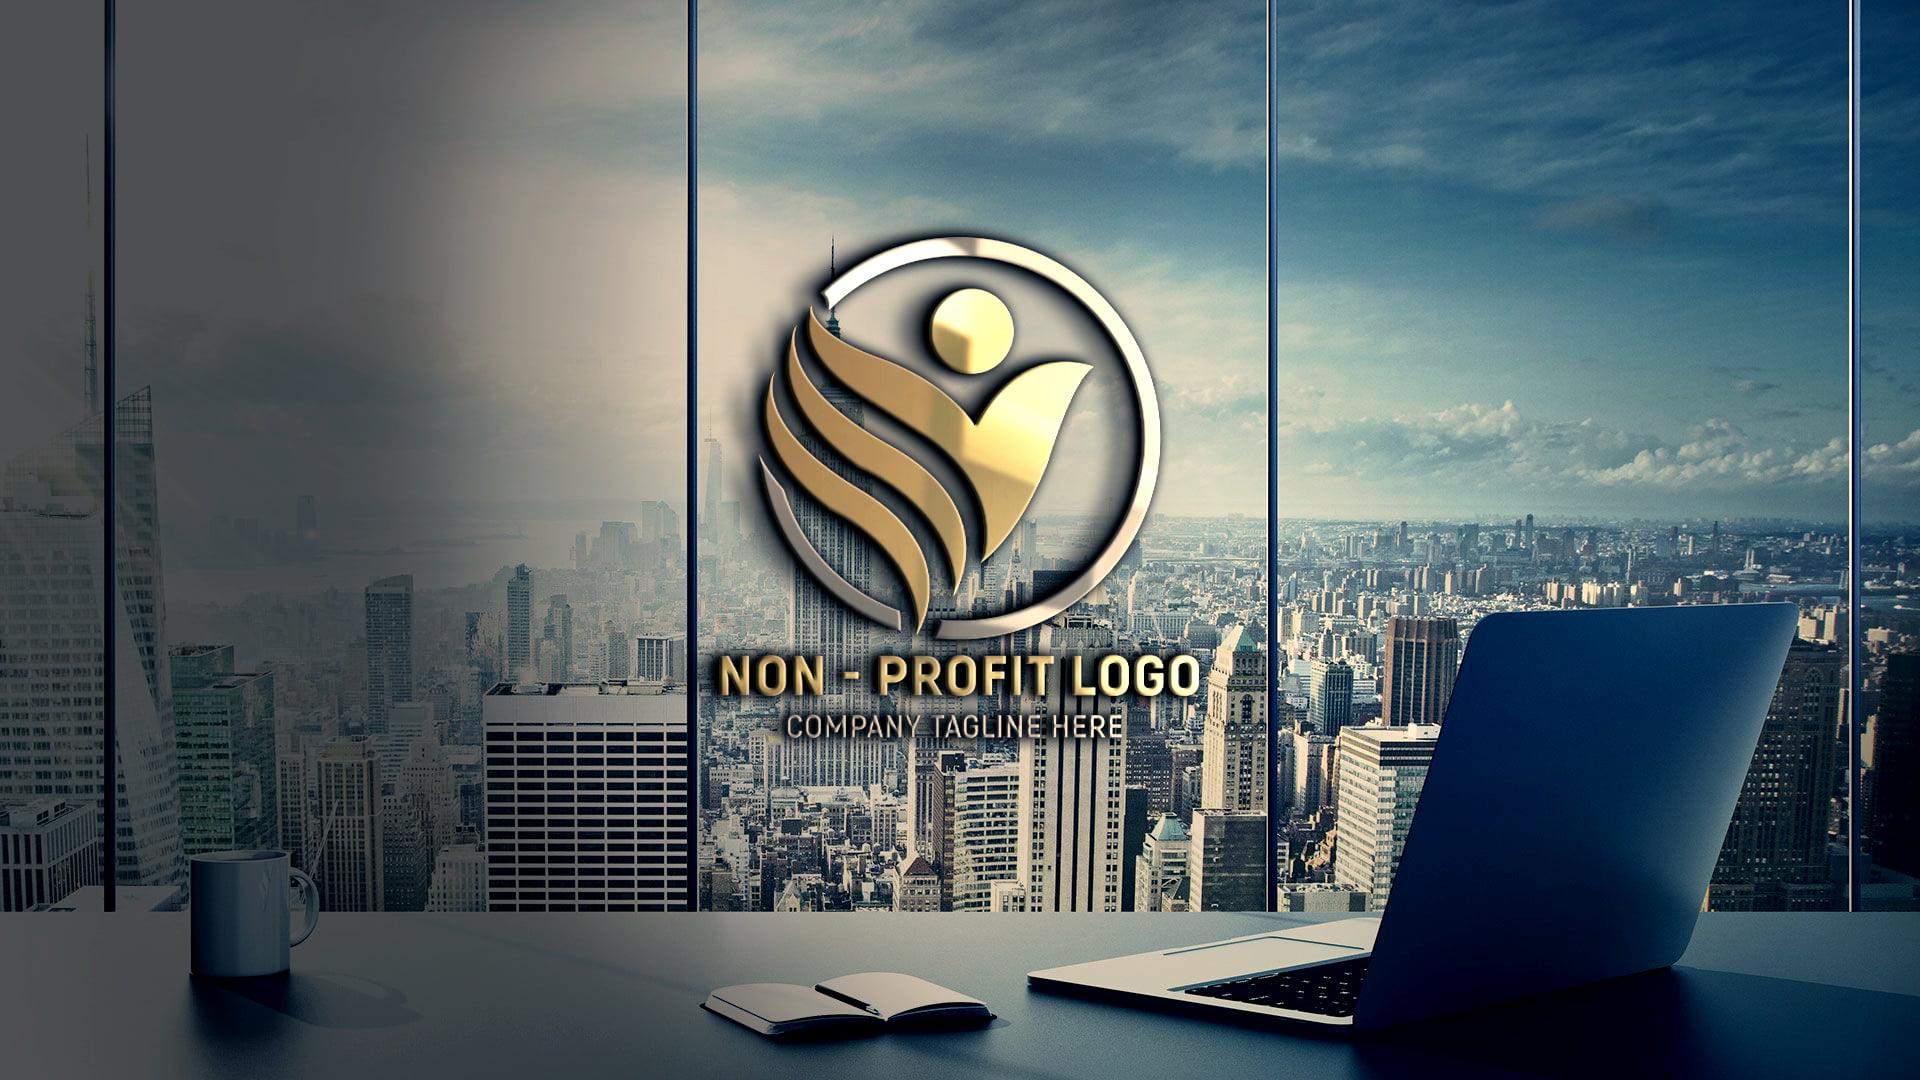 Non-Profit Company Logo Design glass wall presentation